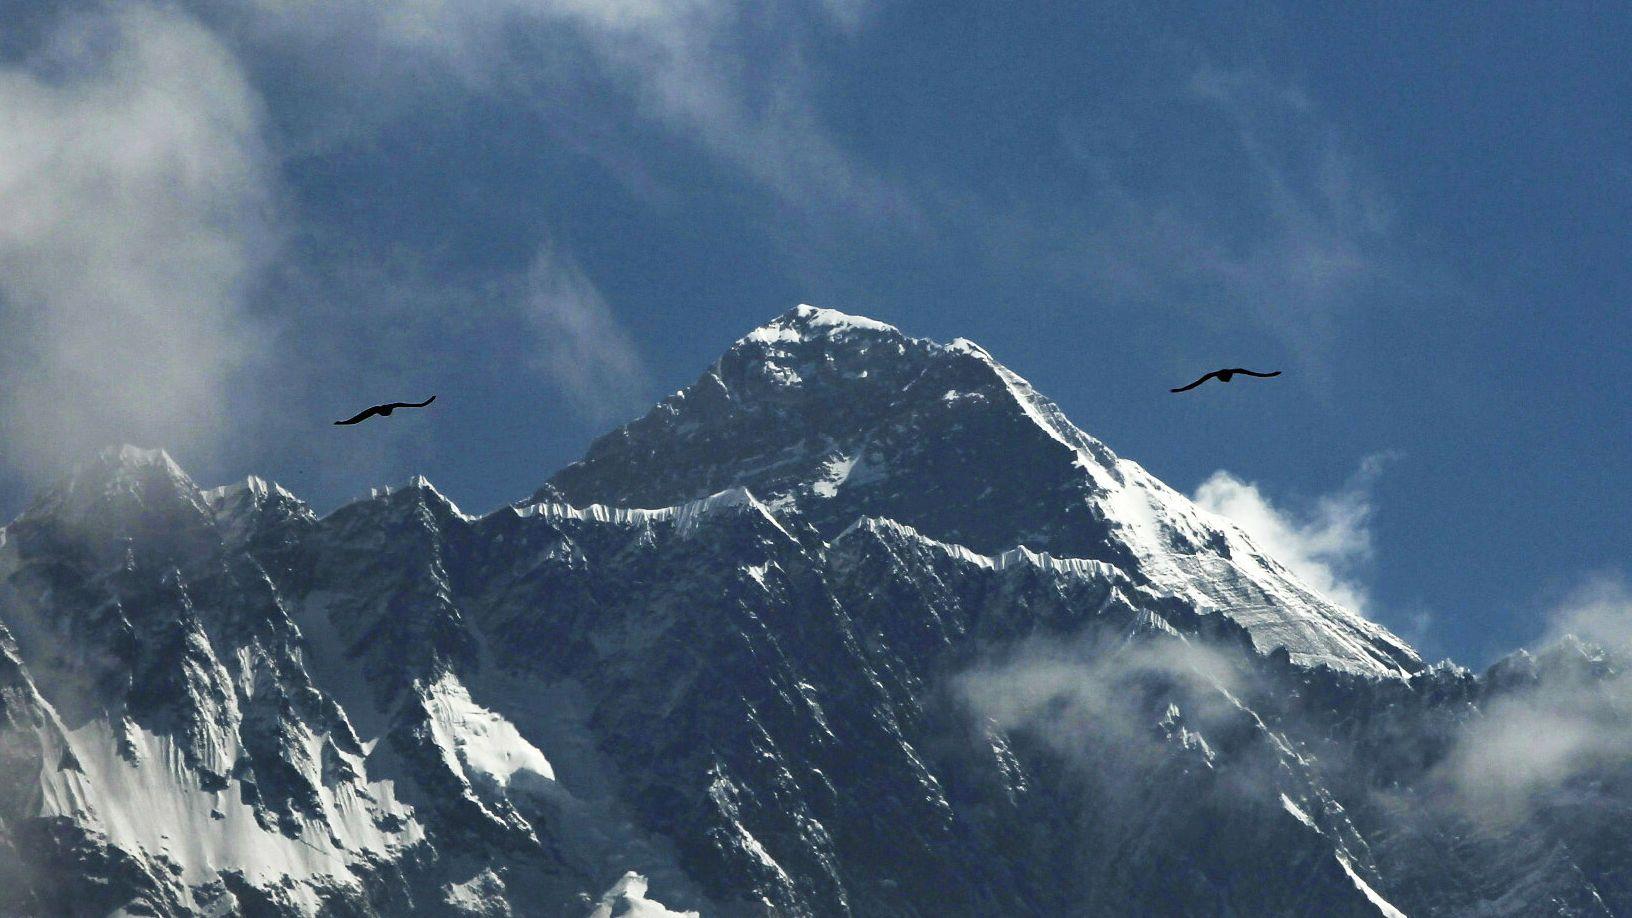 Nepal, Solukhumbhu: Vögel fliegen vor dem Mount Everest.